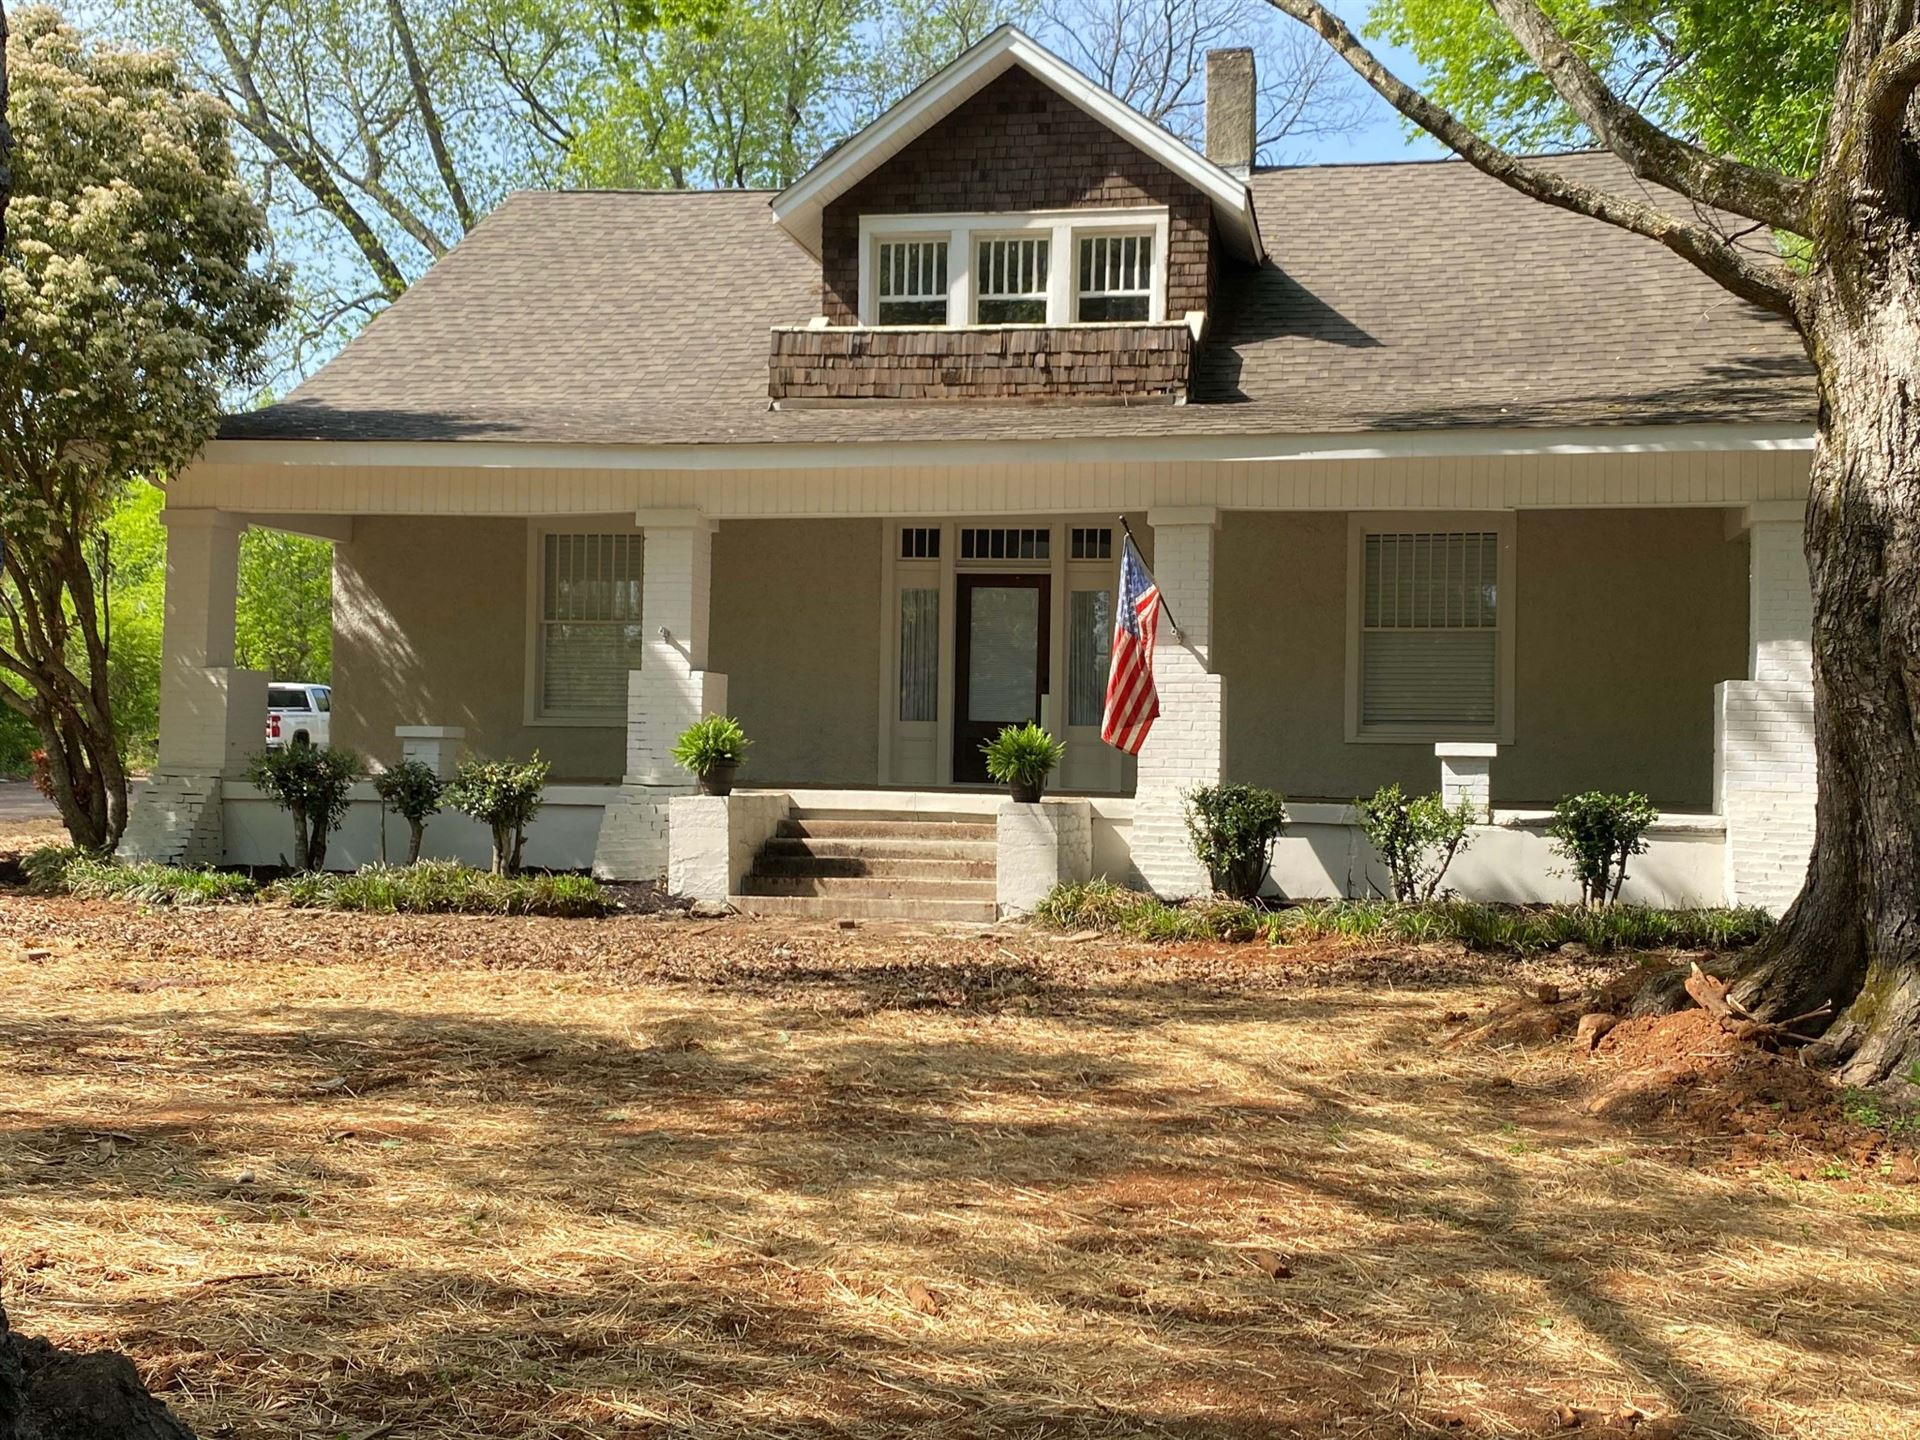 Photo of 3138 Old Salem Rd, Murfreesboro, TN 37128 (MLS # 2249361)